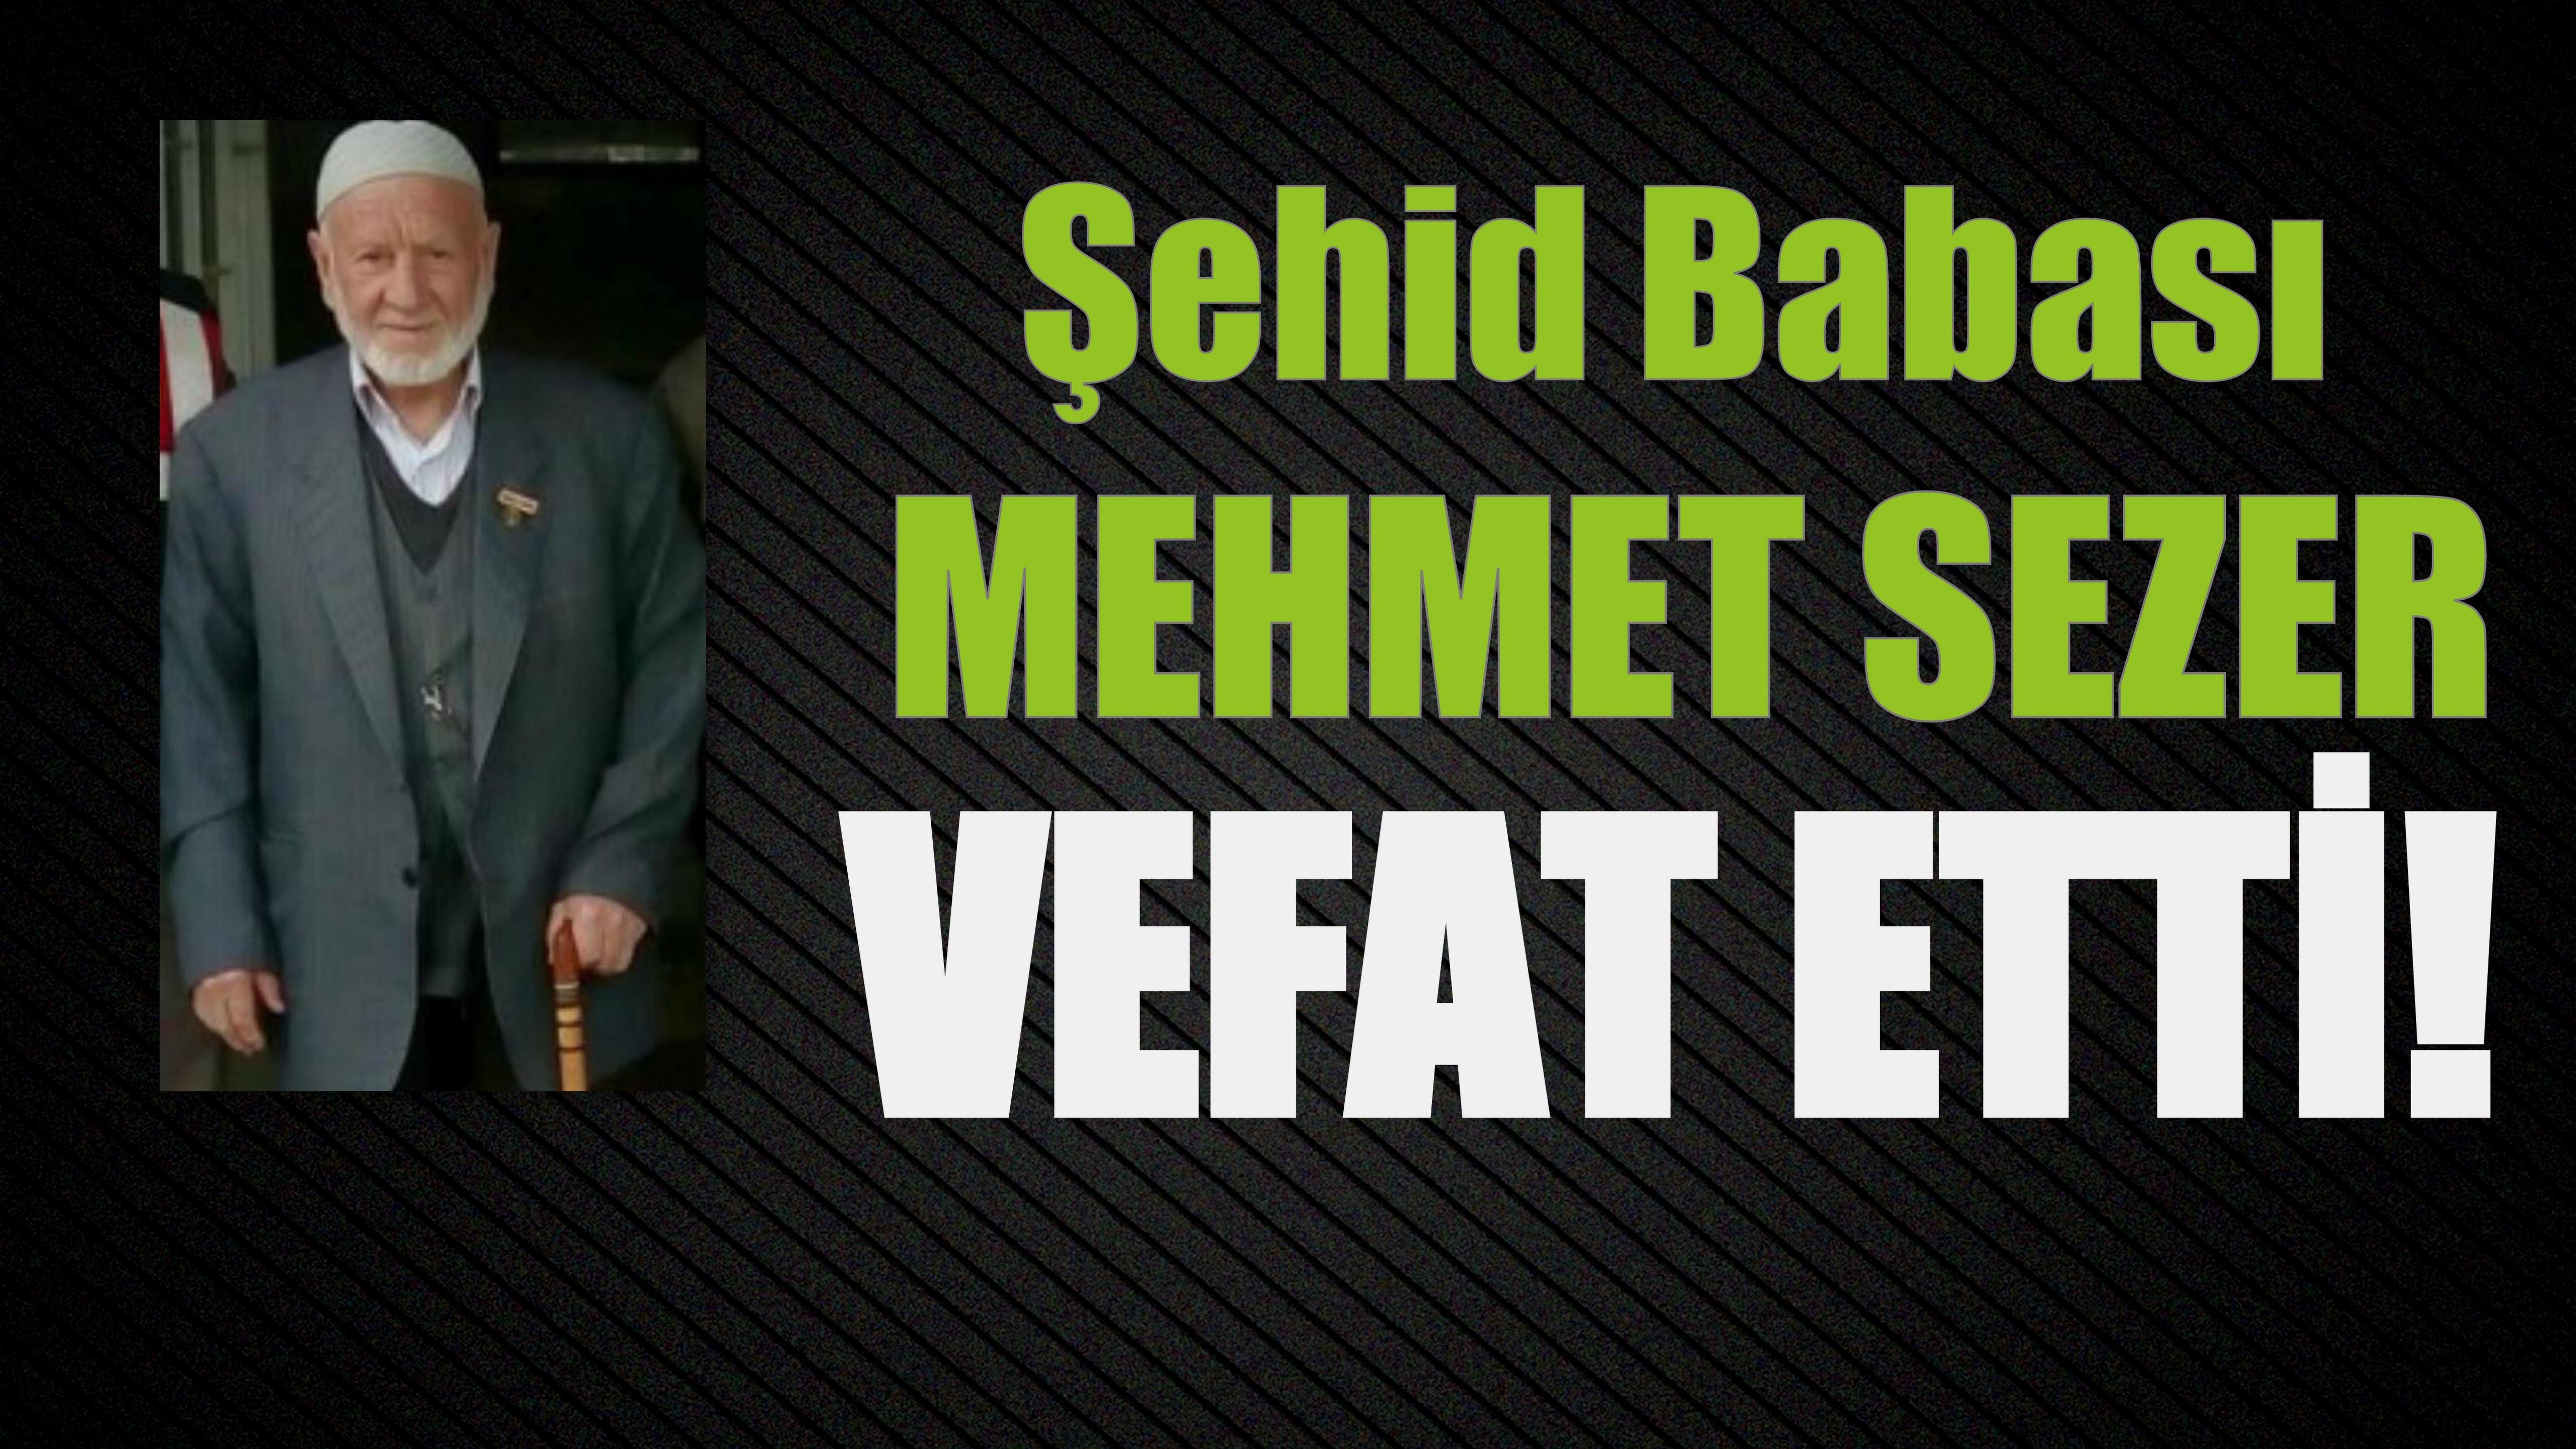 SEZER AİLESİNİN VE ARİFİYE'NİN ACI GÜNÜ!..